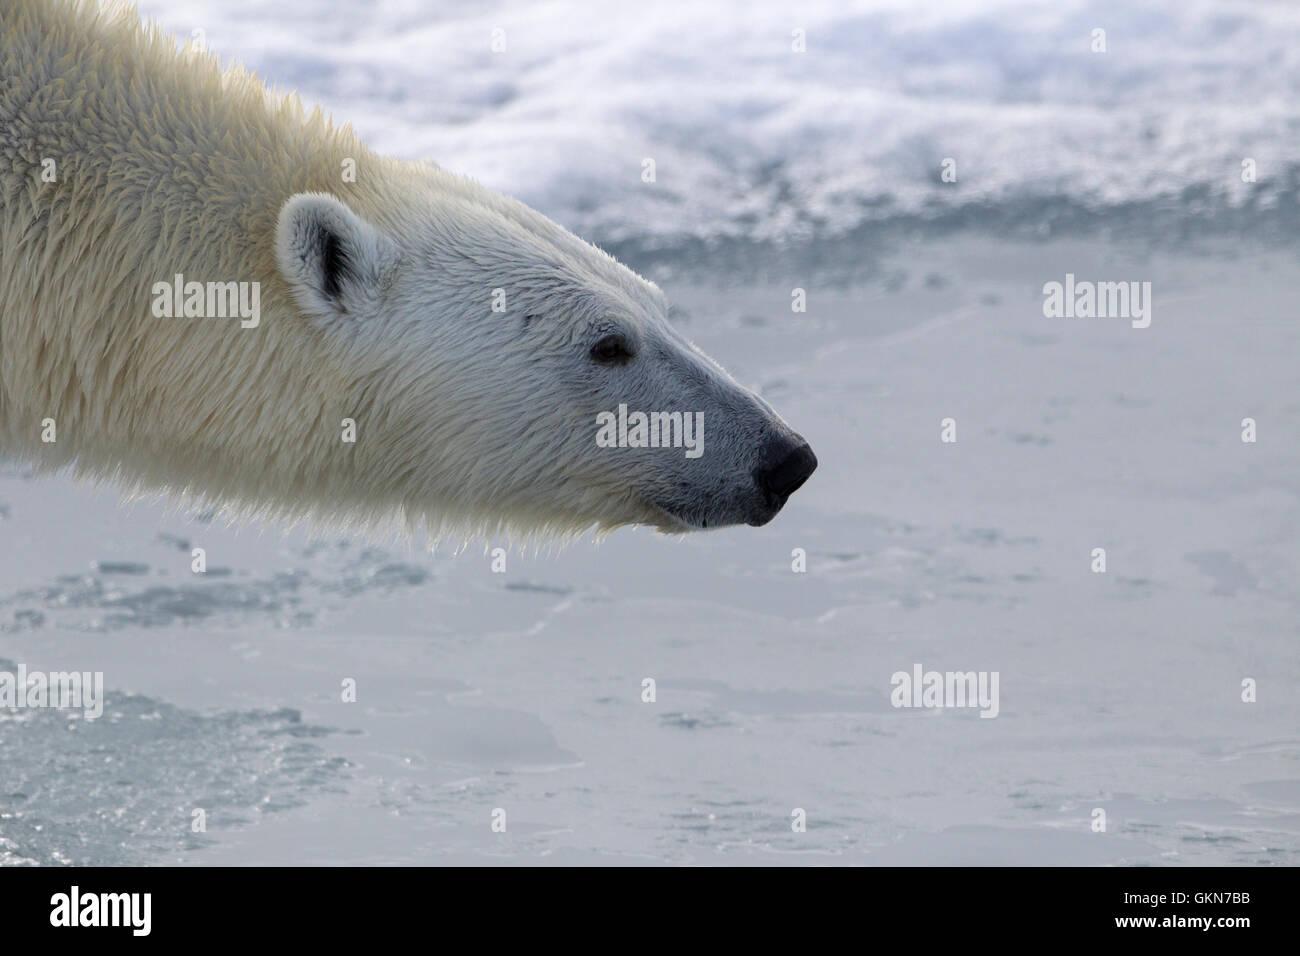 Gesicht der Eisbär in Nahaufnahme Stockbild